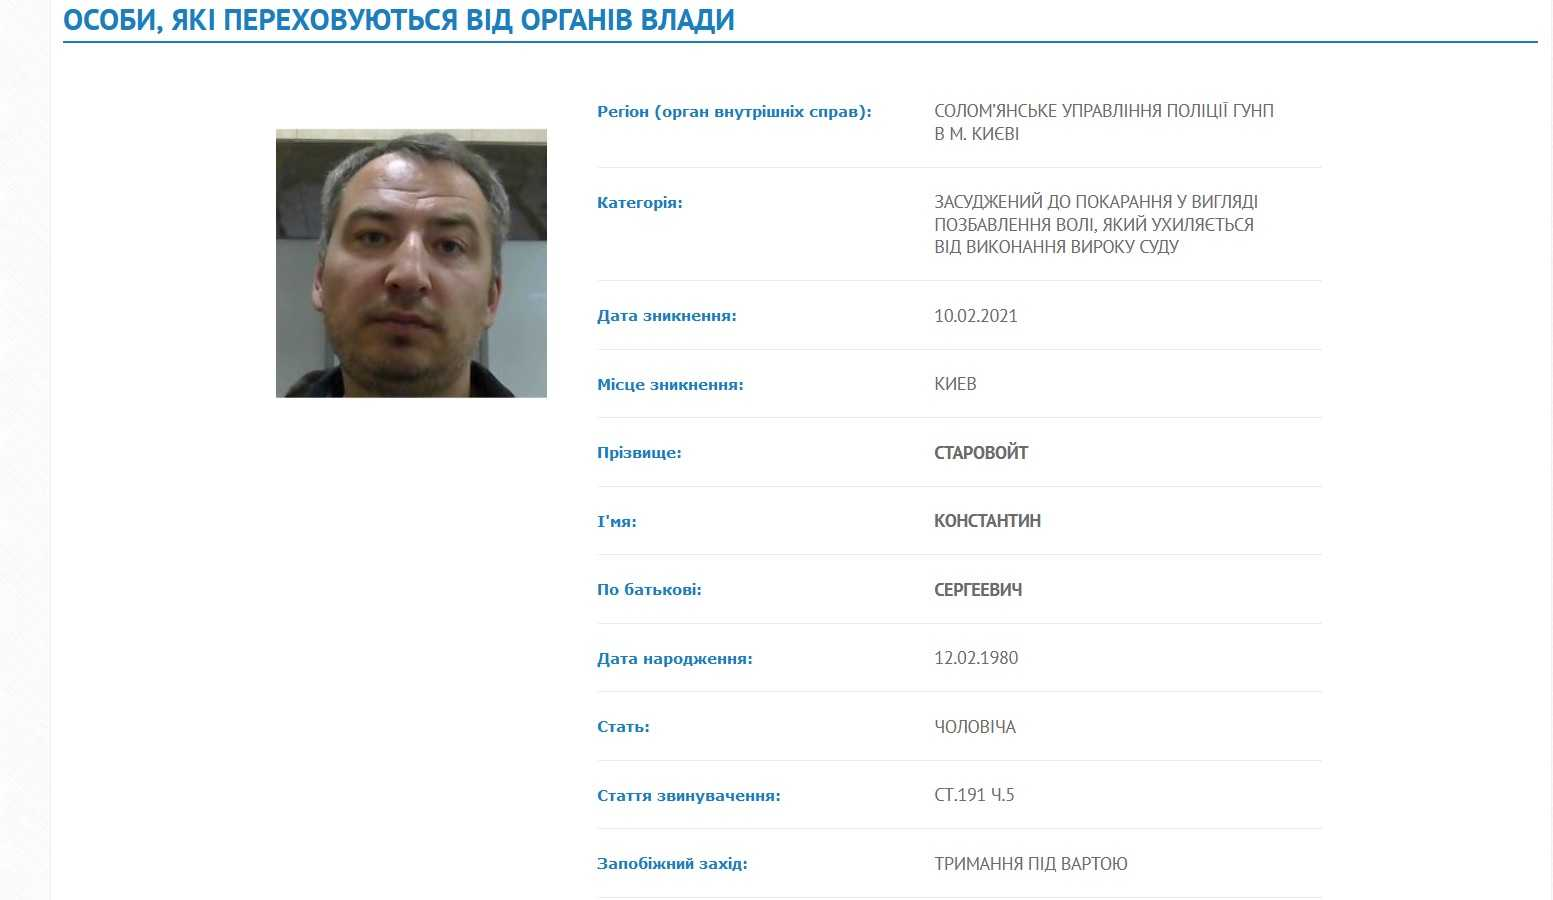 Полиция разыскивает бывшего директора ГП «Центргаз»